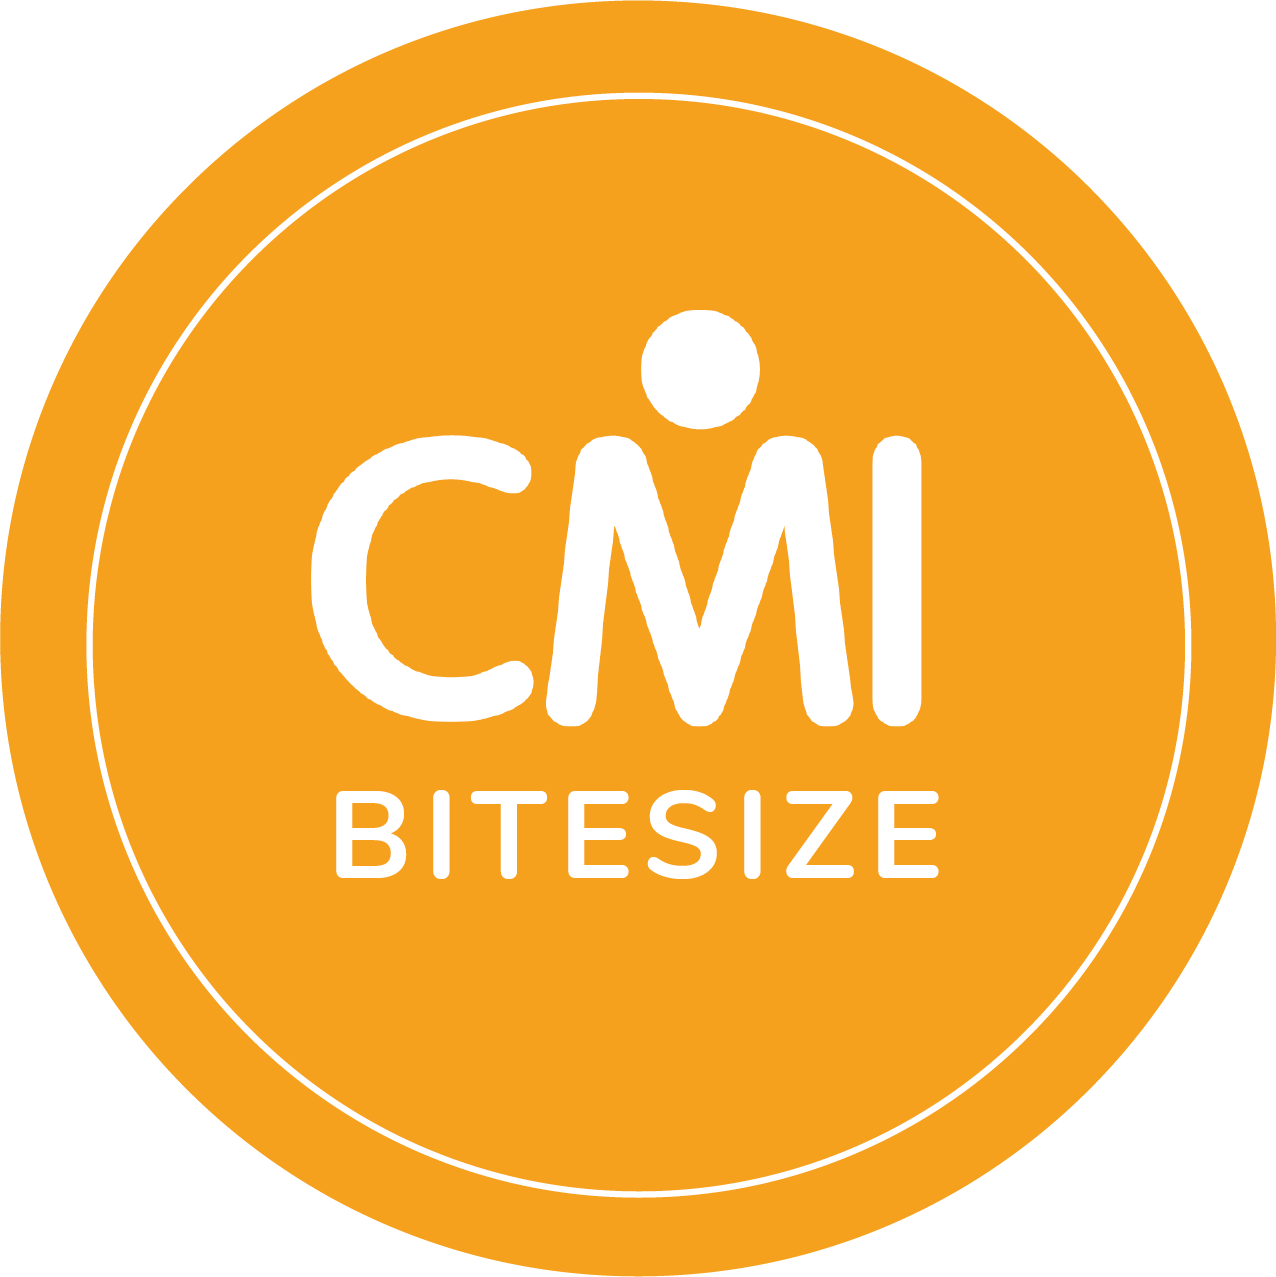 CMIBitesizeLogo-Mango-CMYK